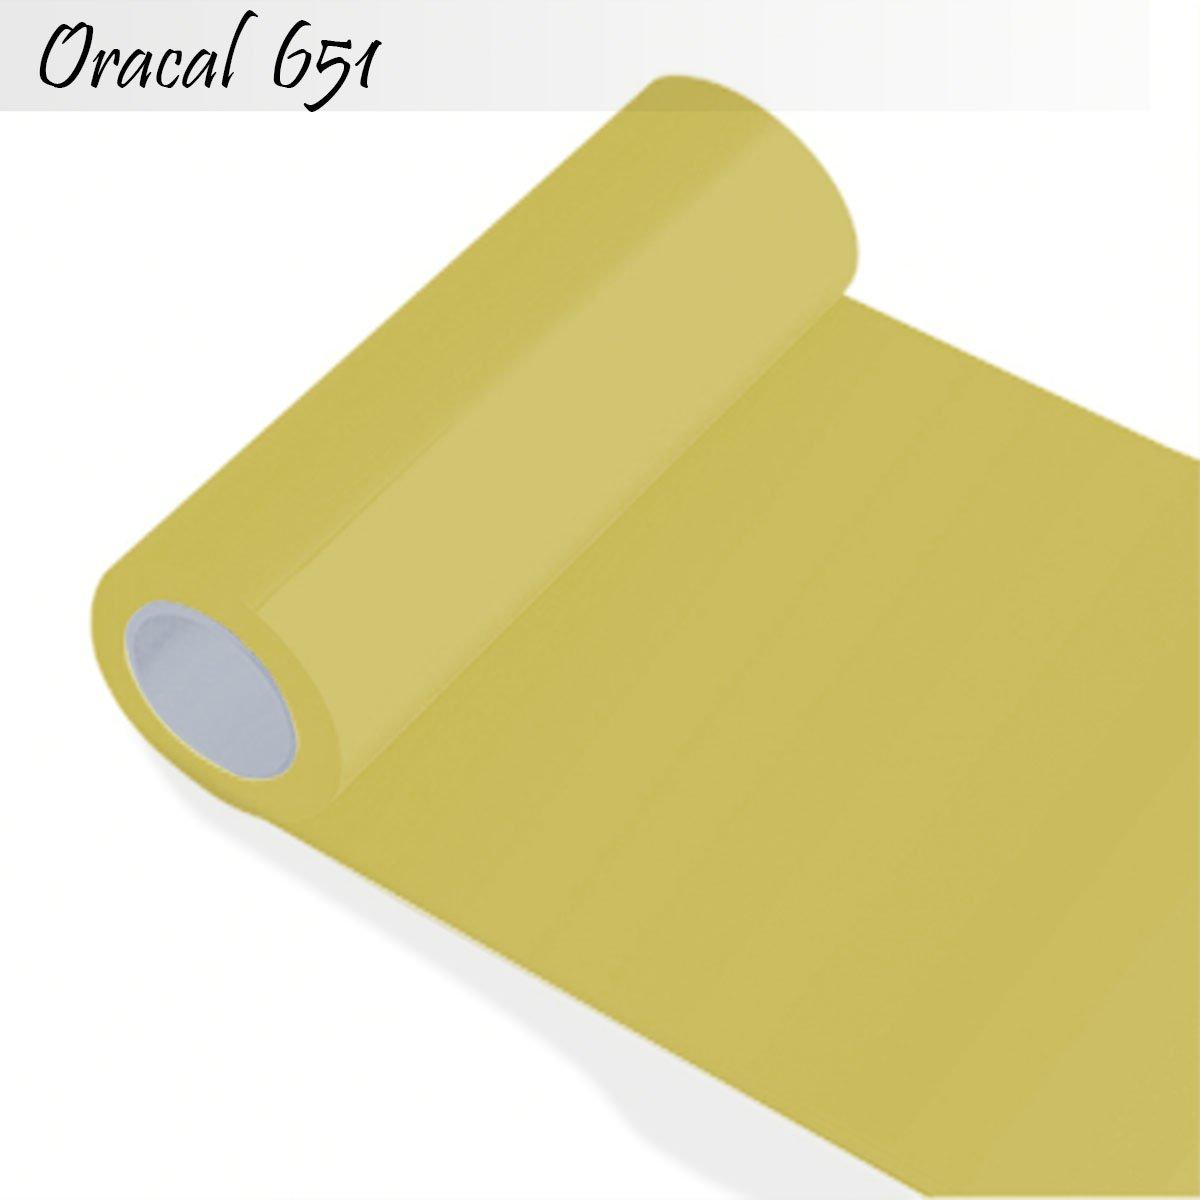 Oracal 651 - Orafol Folie 10m (Laufmeter) freie Farbwahl 55 55 55 glänzende Farben - glanz in 4 Größen, 63 cm Folienhöhe - Farbe 70 - schwarz B00TRTMAPI Wandtattoos & Wandbilder b28ed4